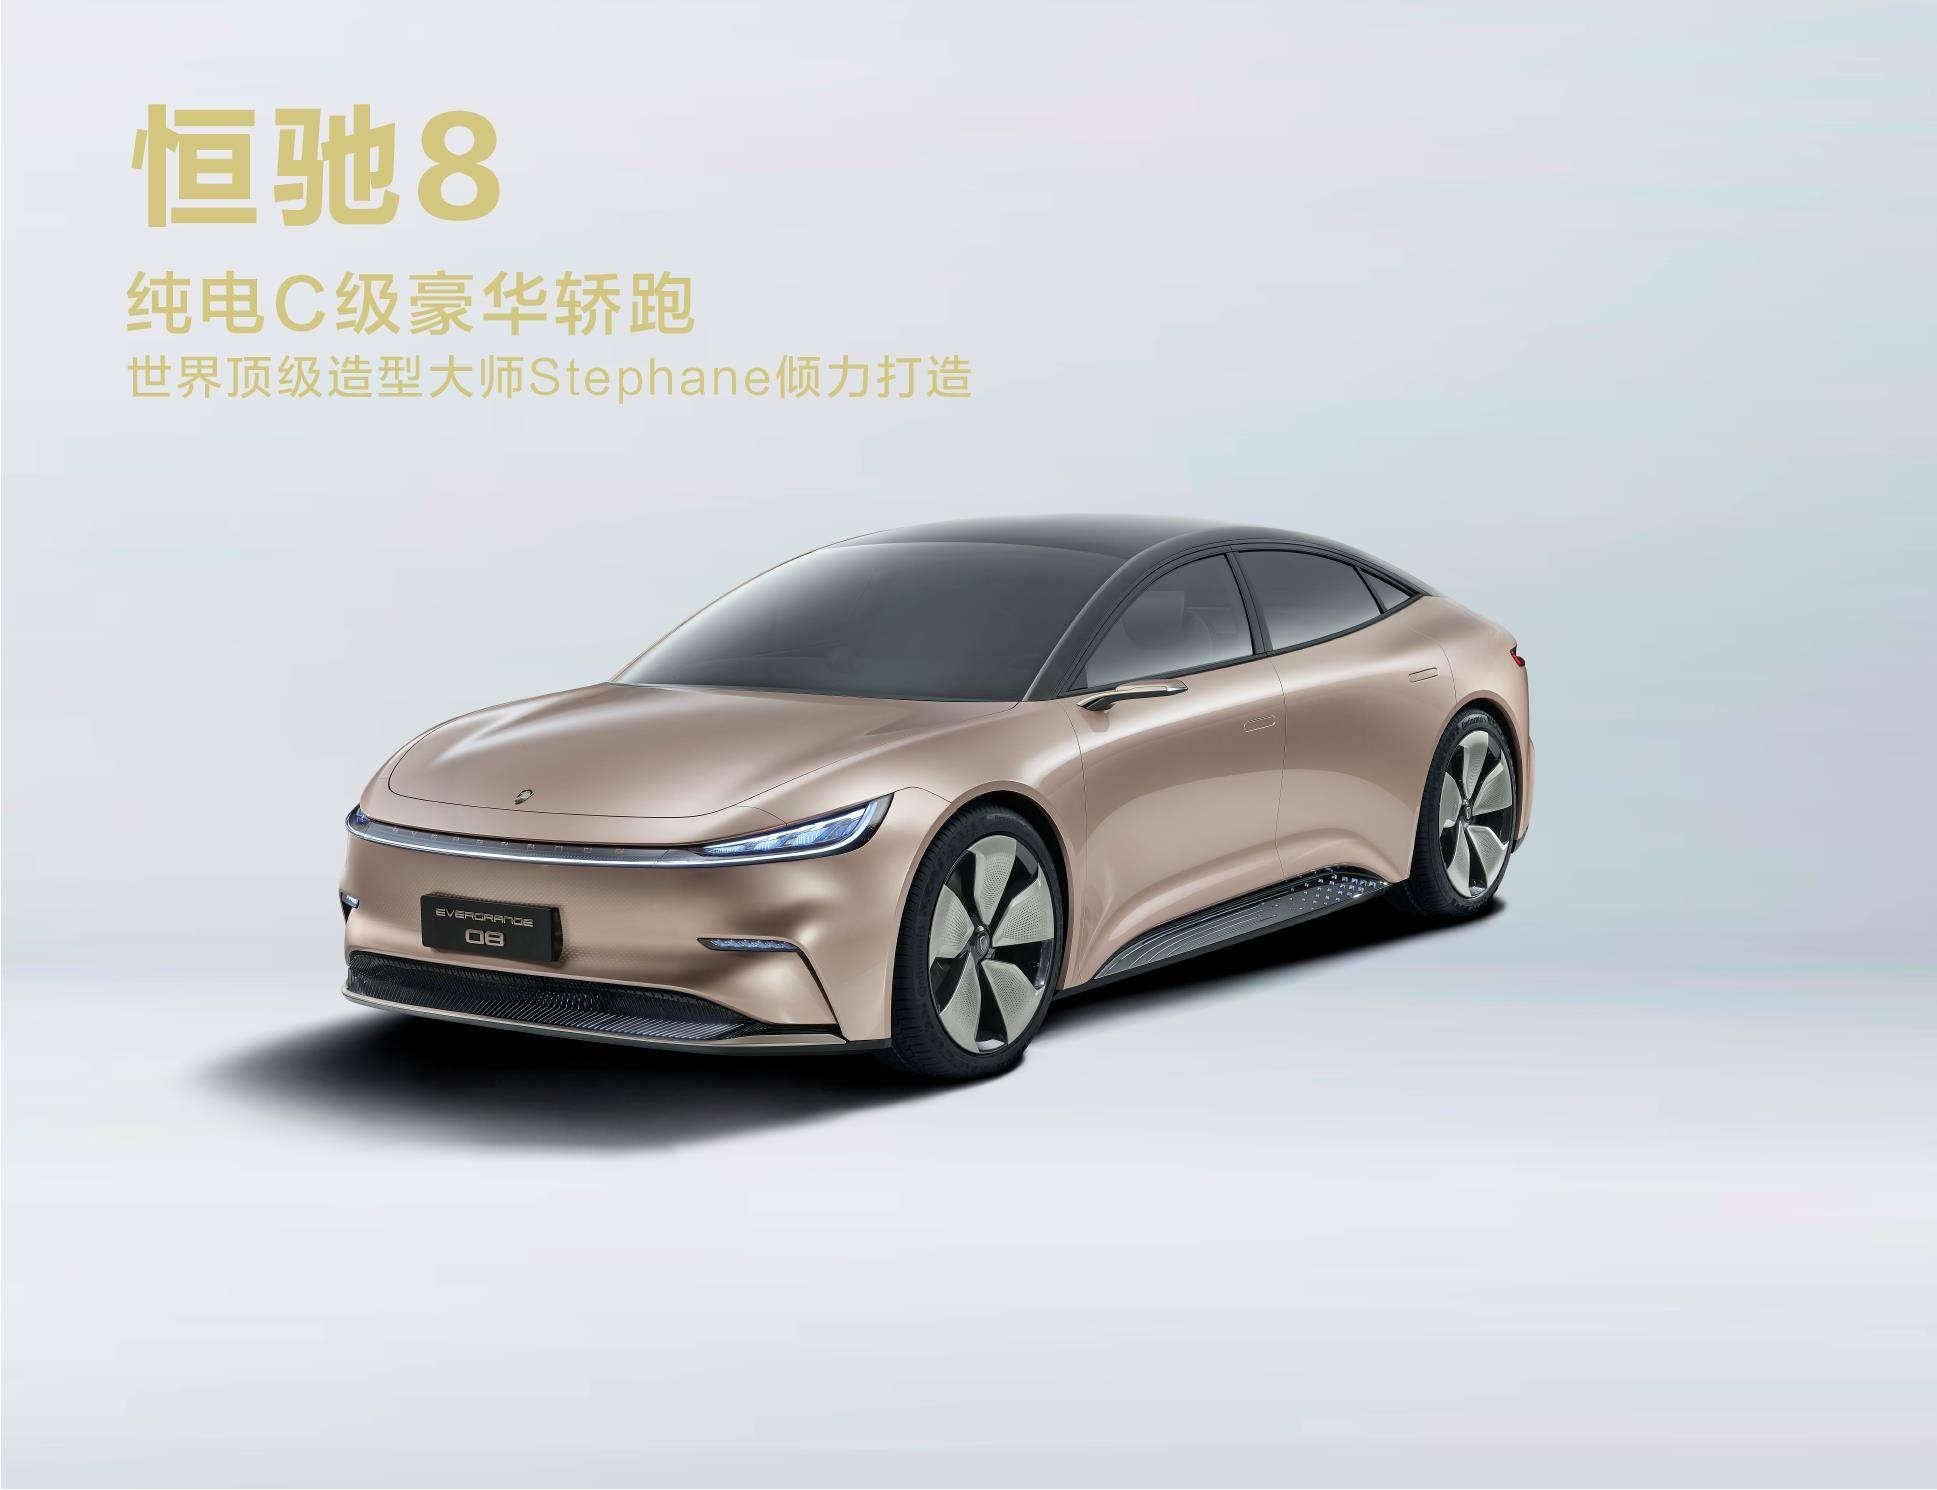 恒大造车提速 恒驰789三款新车同时发布_设计